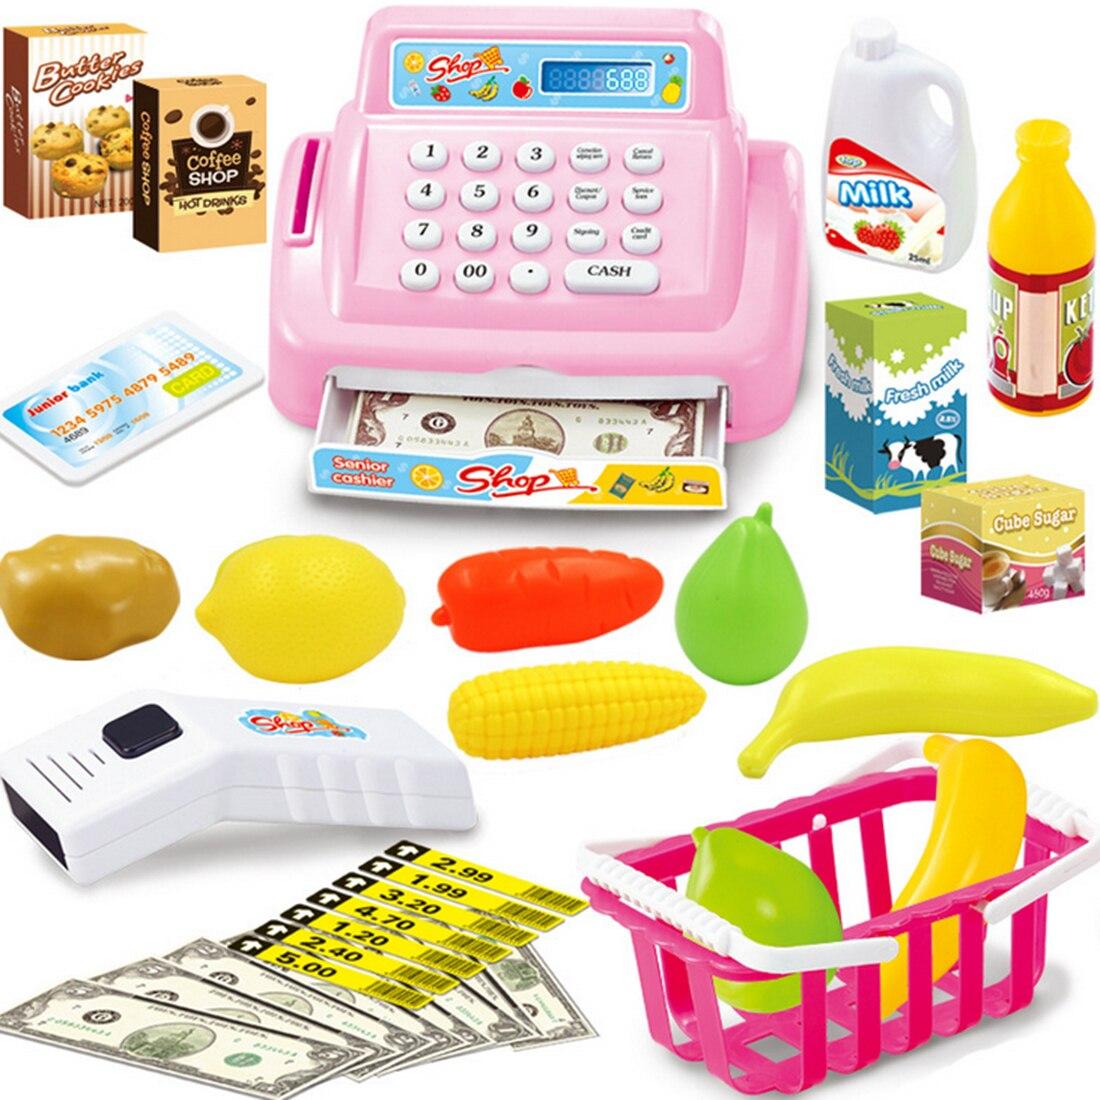 Kids Supermarket Cash Register Electronic Toys with Foods Basket Money Children